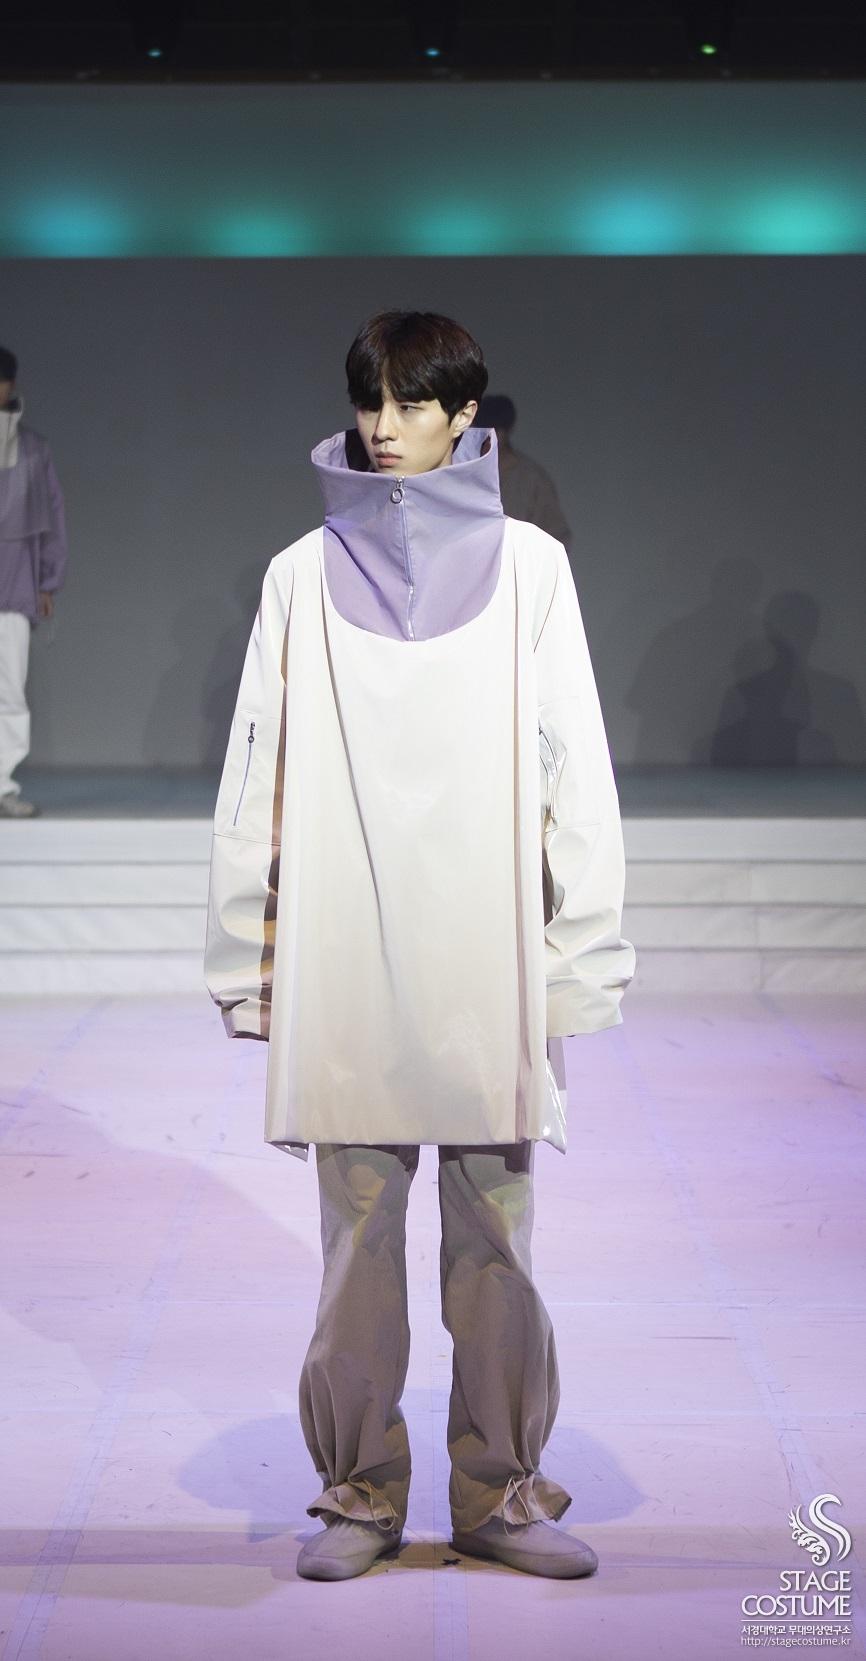 Seol Hwa Photo (131 - 223) 수정.jpg